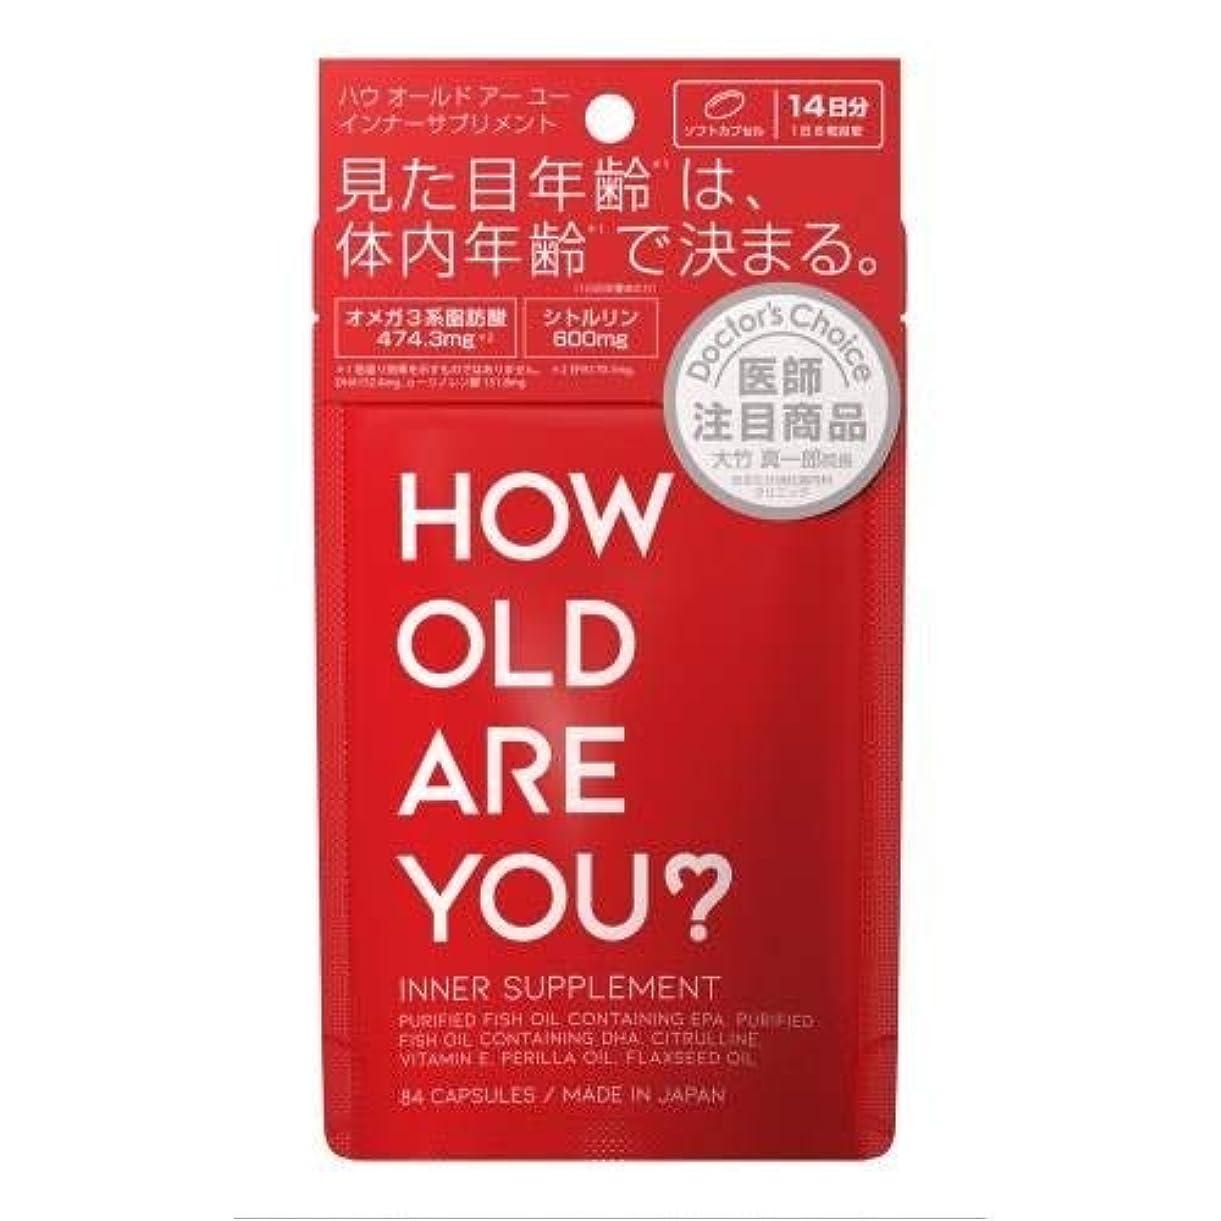 シェトランド諸島巻き取り針【2個セット】HOW OLD ARE YOU?インナーサプリメント 84粒